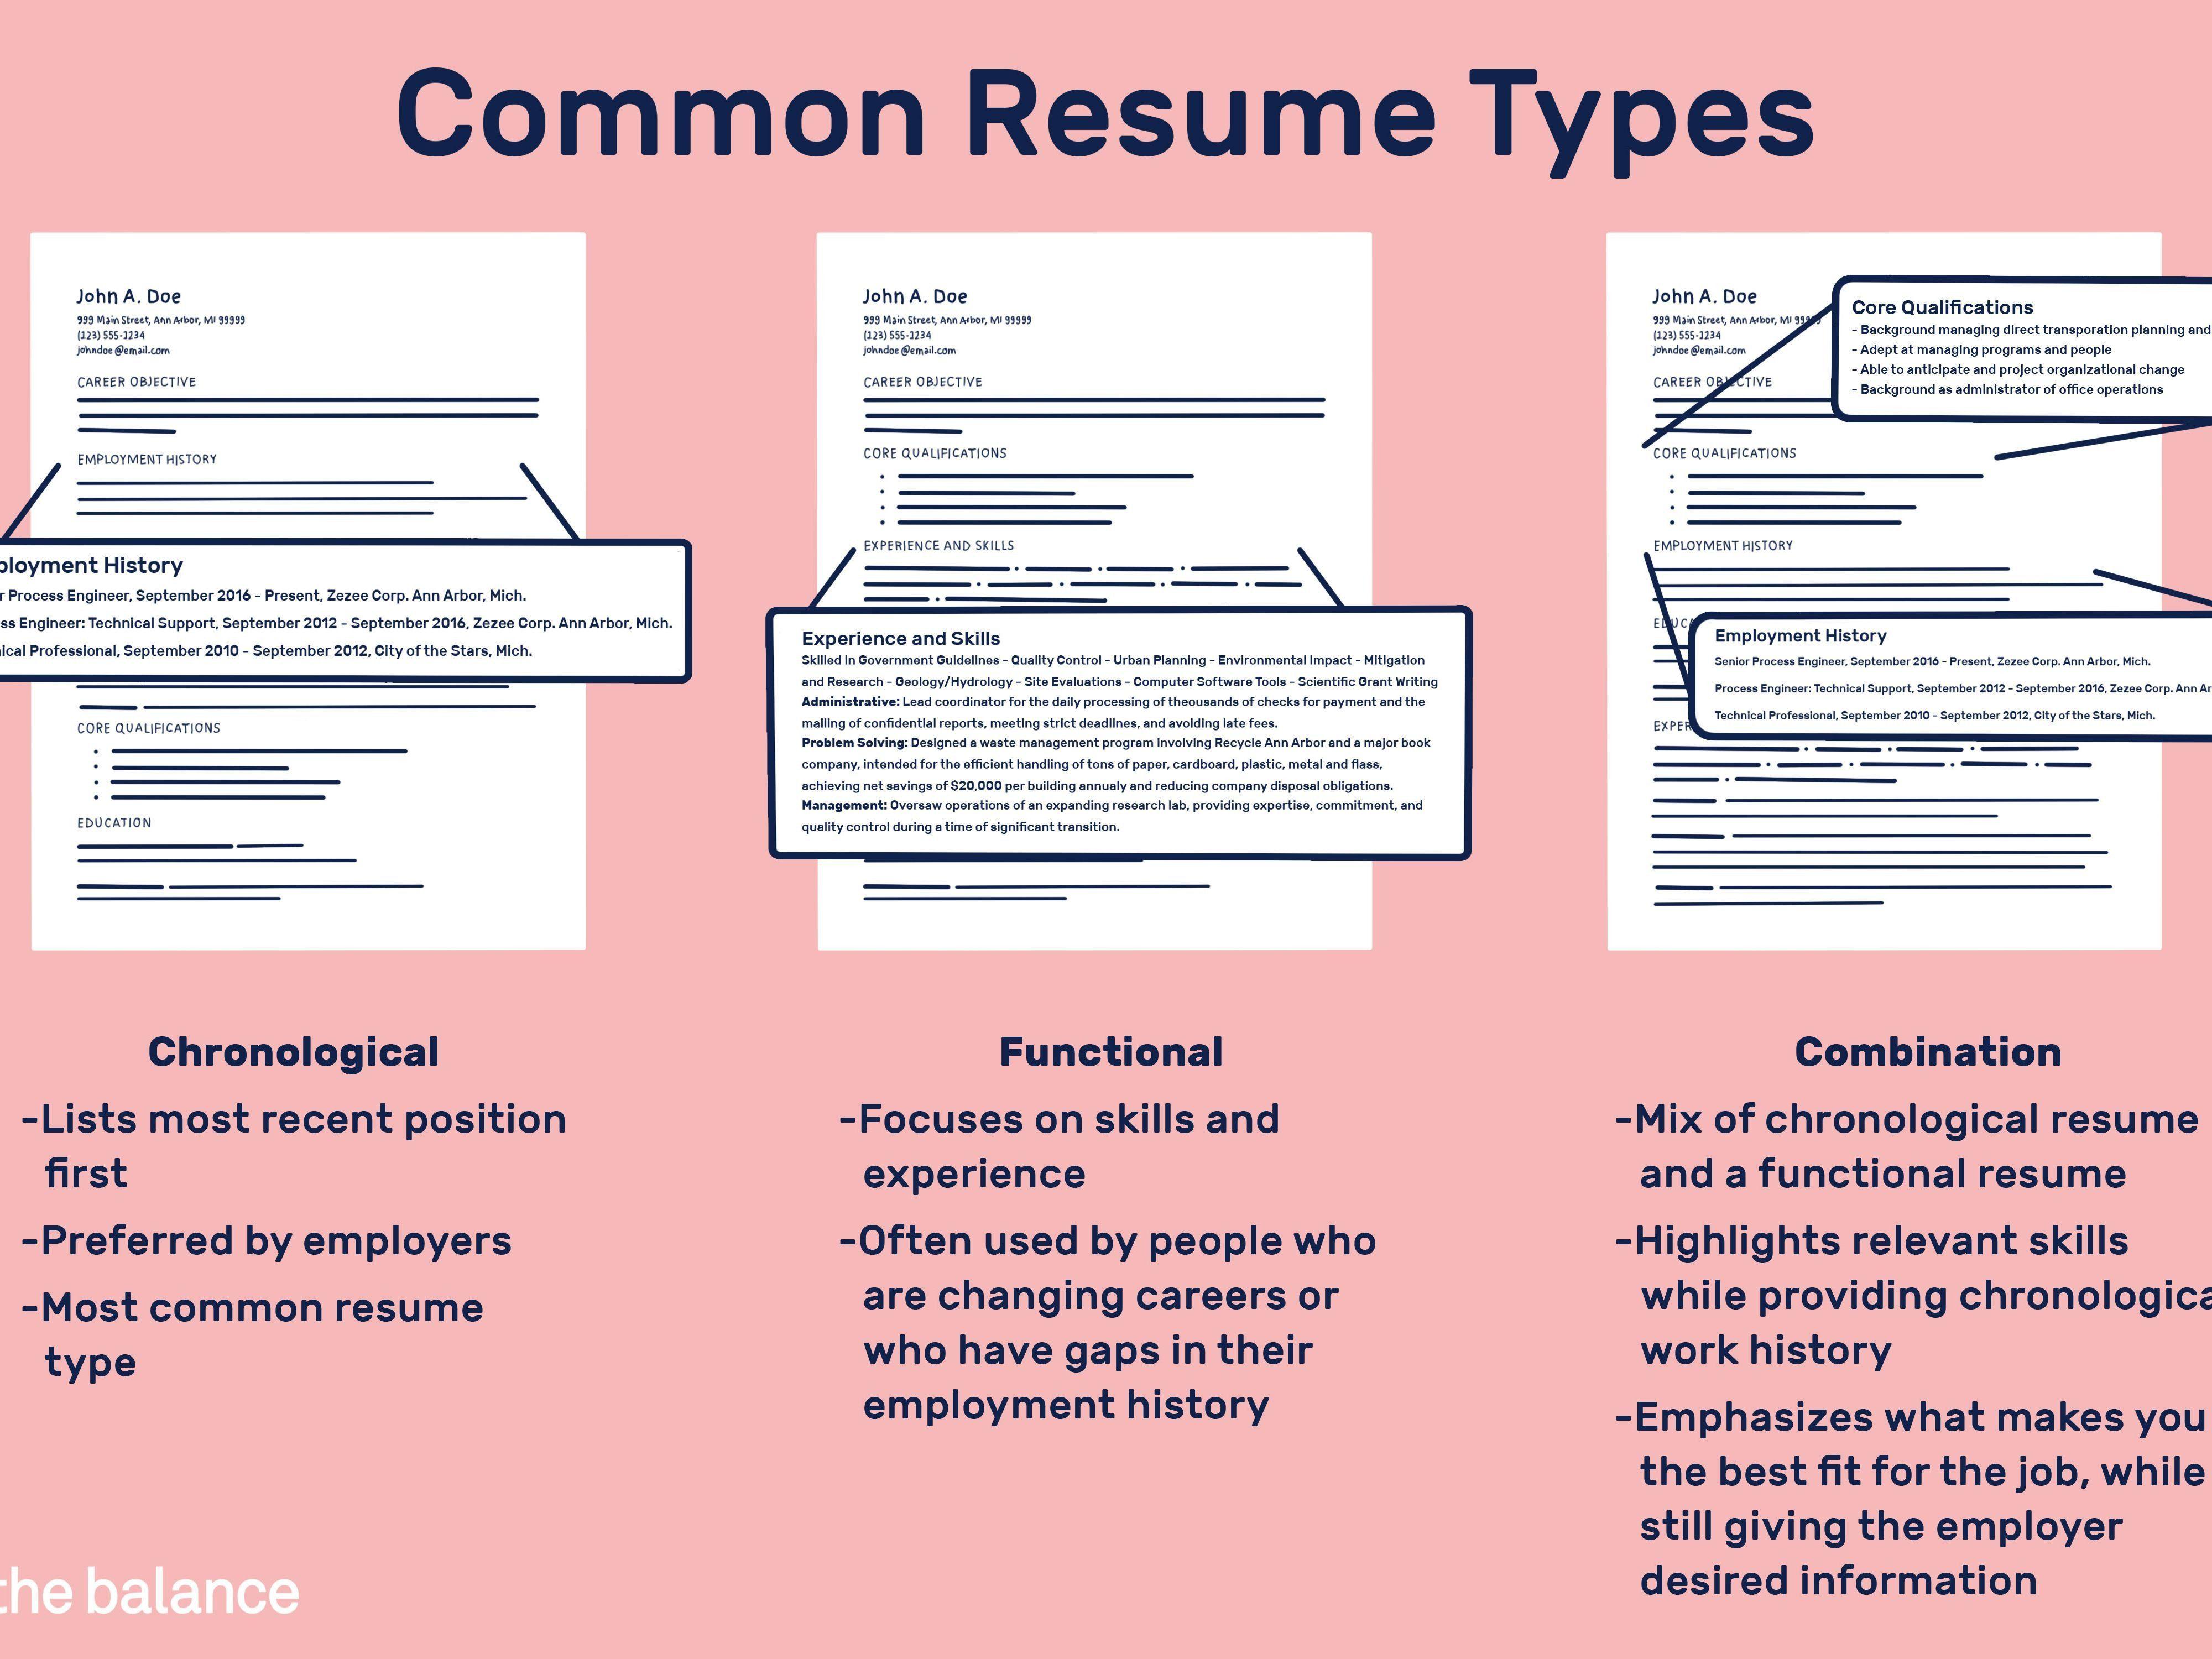 Chronological Vs Functional Resume Samples